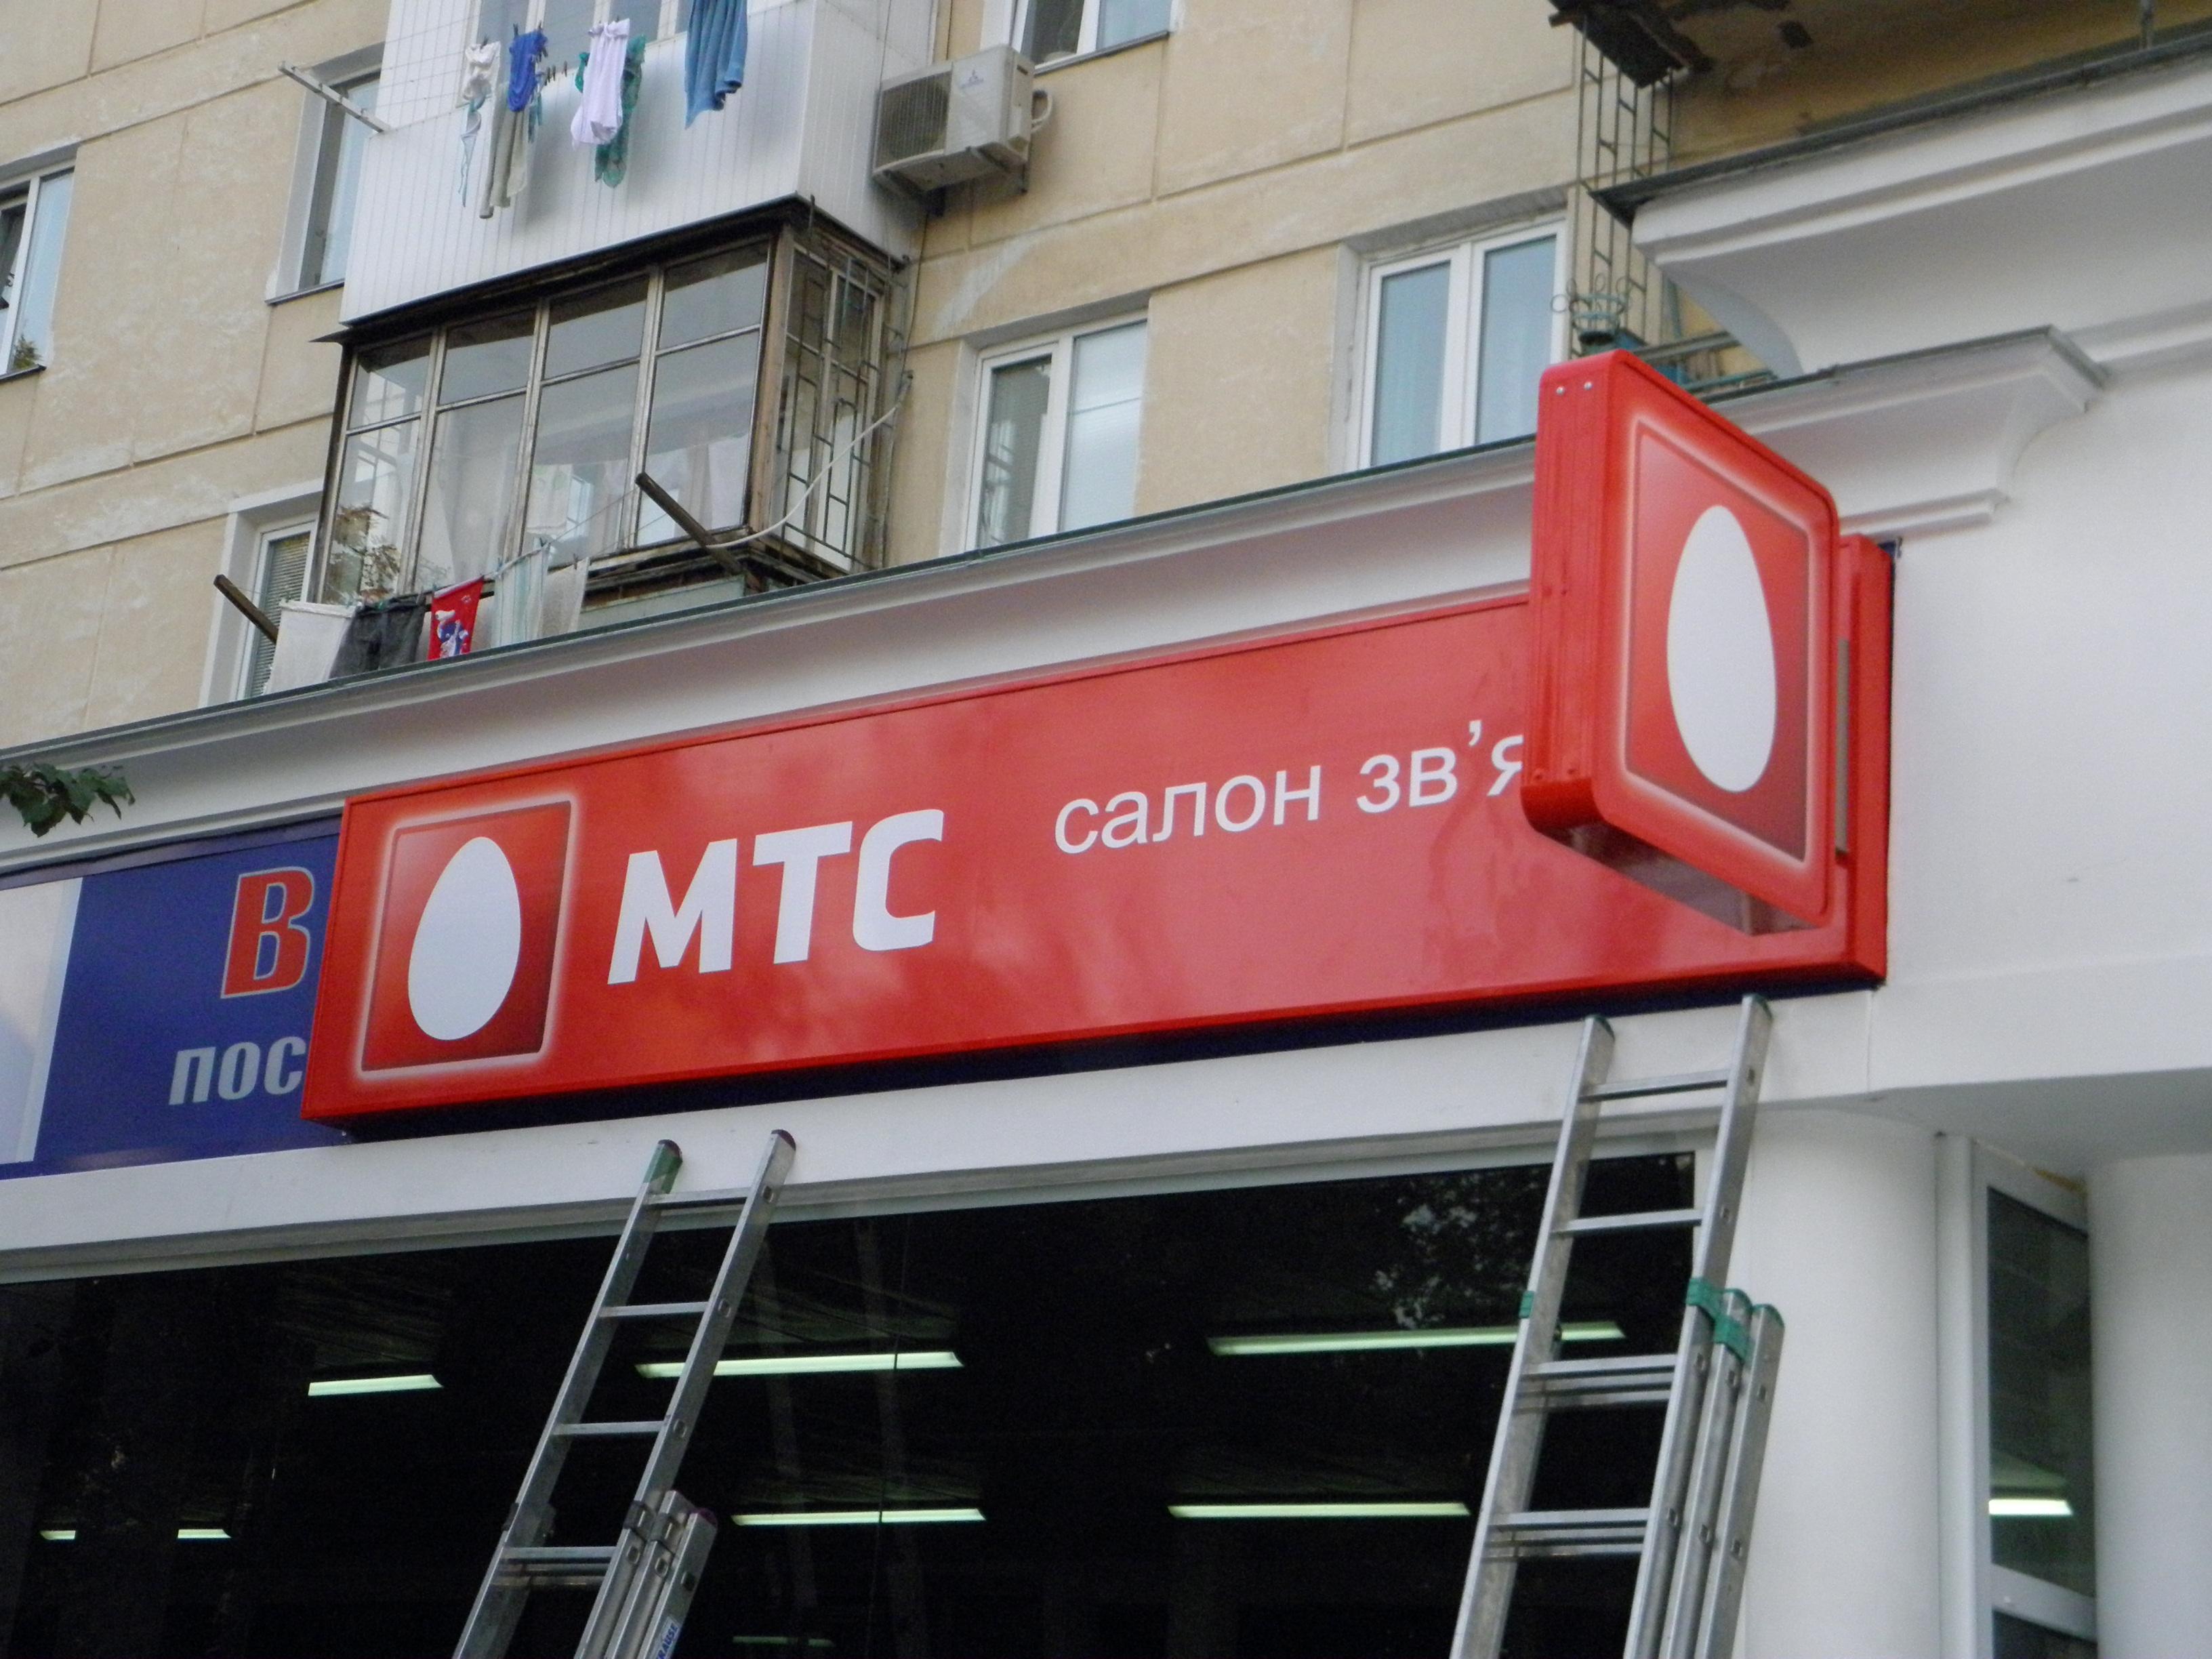 МТС световая вывеска